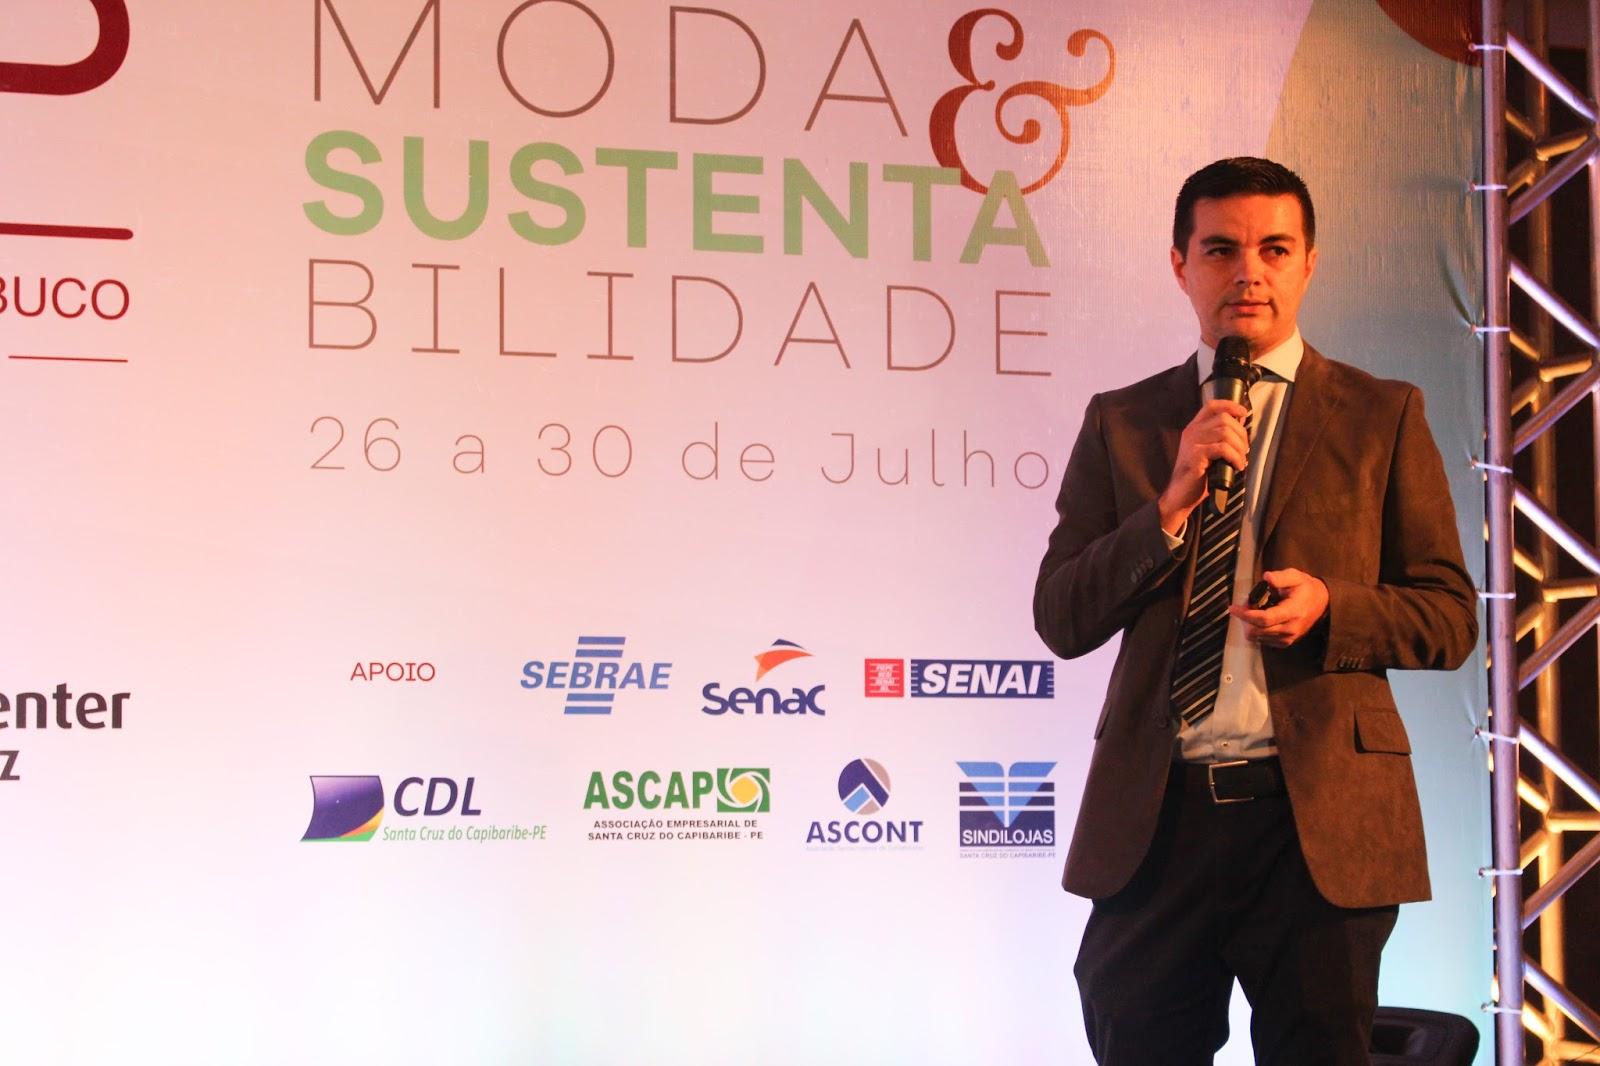 Estilo Moda Pernambuco realiza sua terceira edição de 26 a 30 de julho com  o tema Moda e Sustentabilidade 41f174cf82